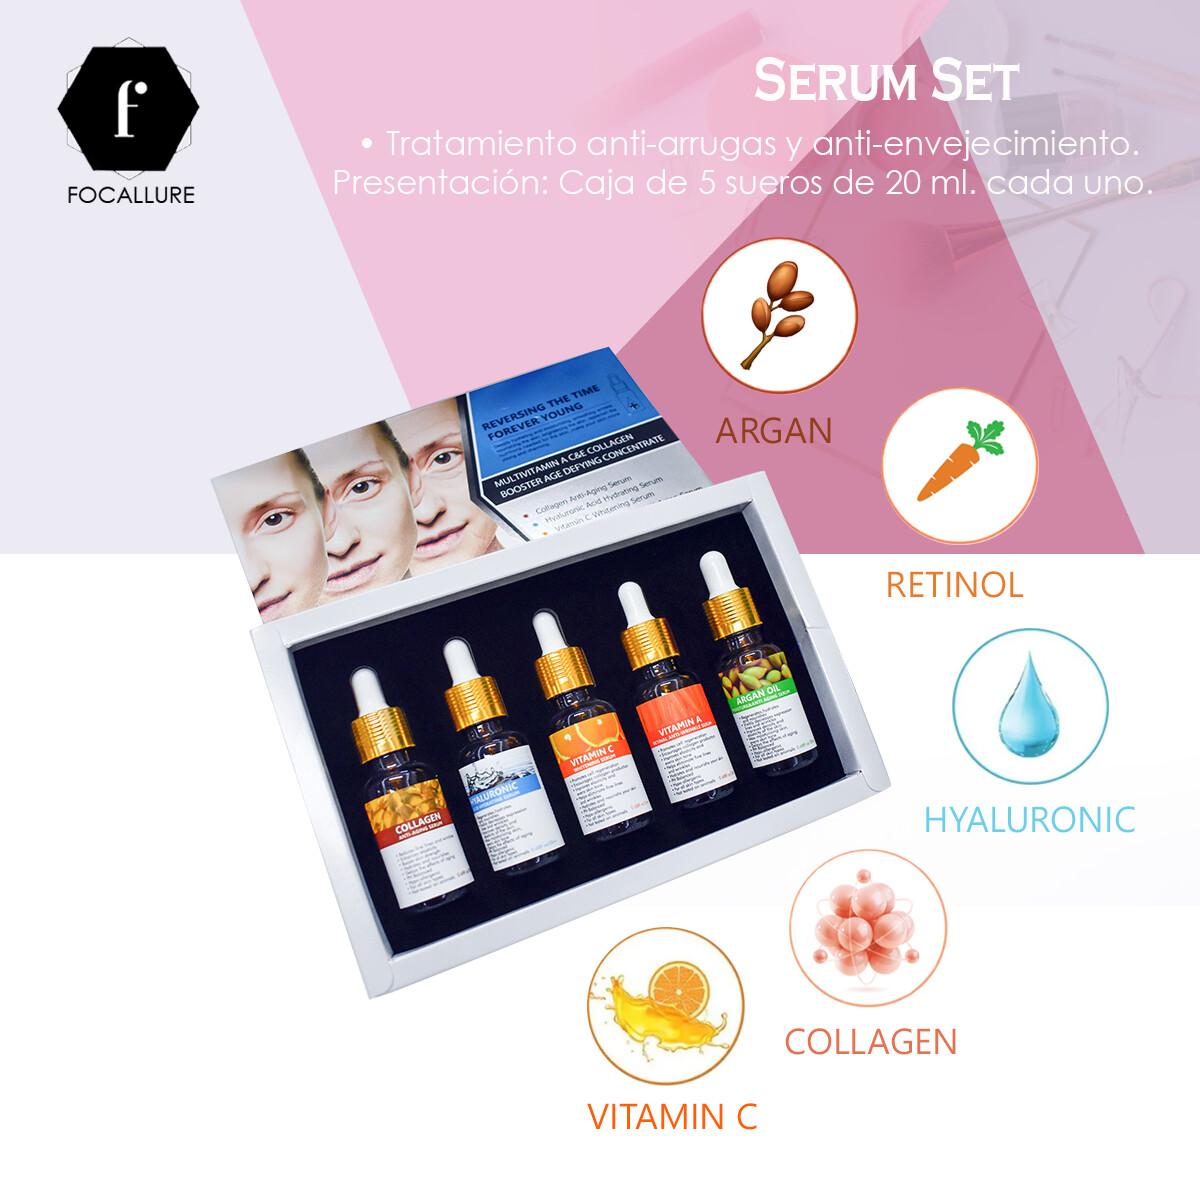 Serum Set